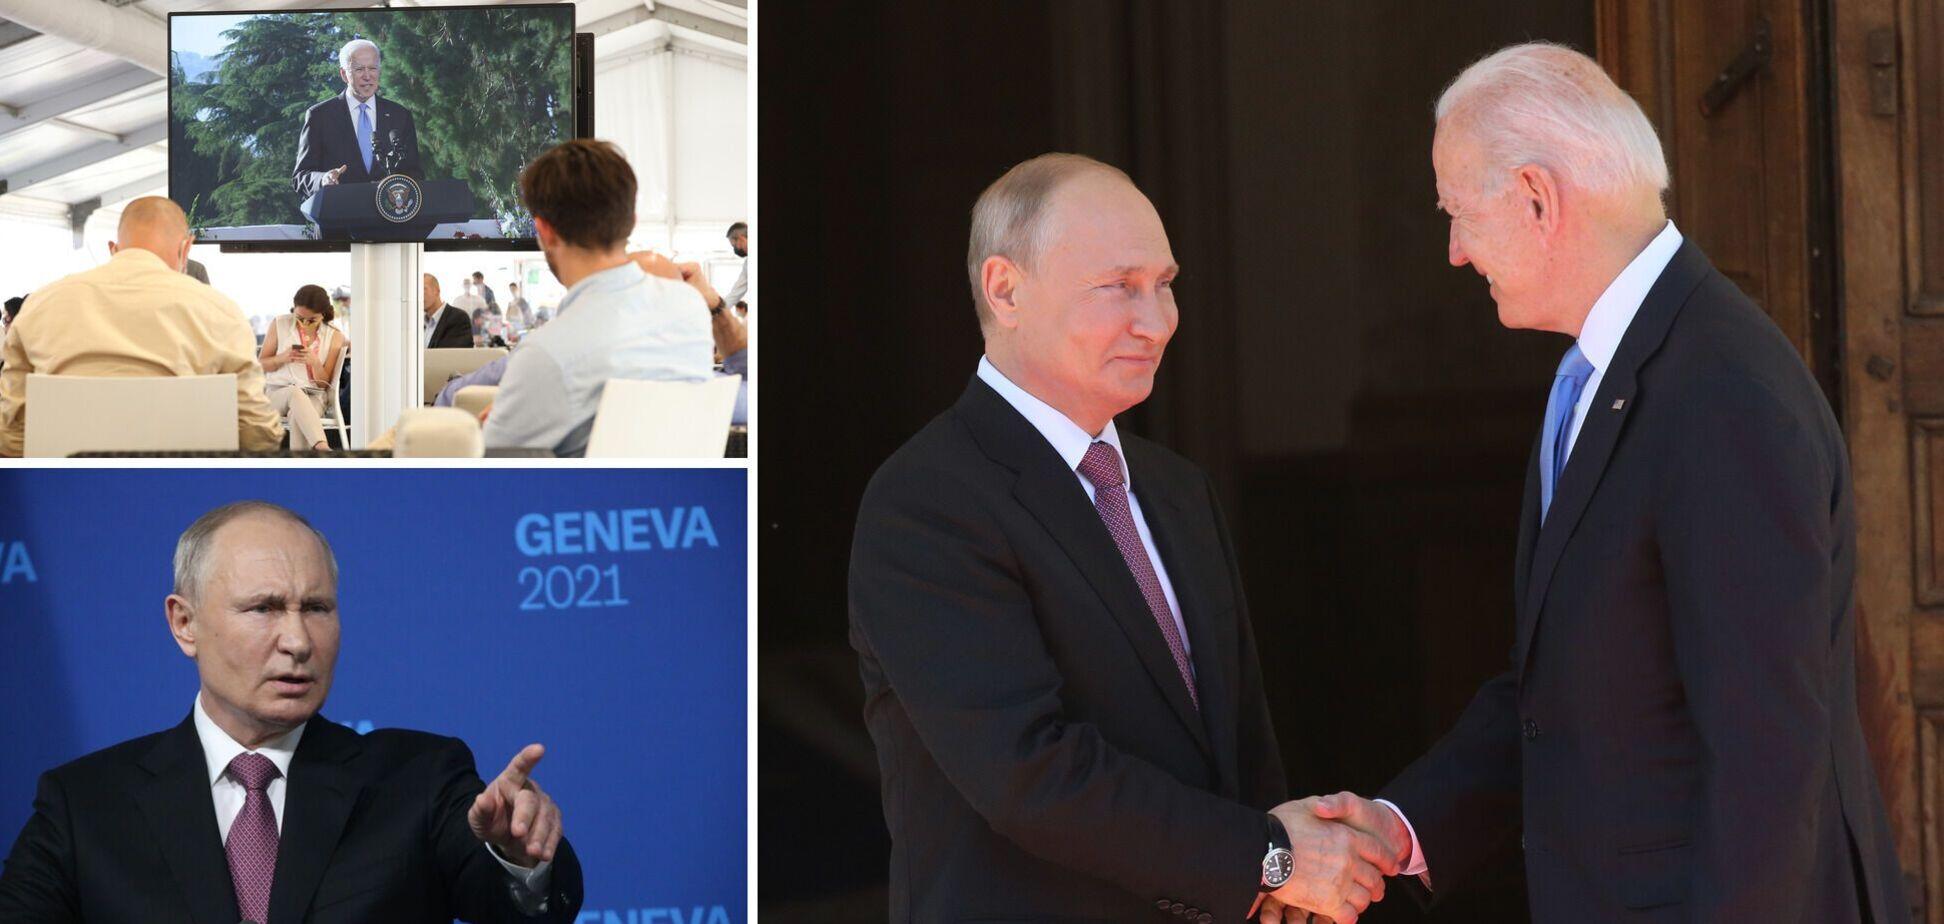 Зустріч Байдена і Путіна: що сказали політики